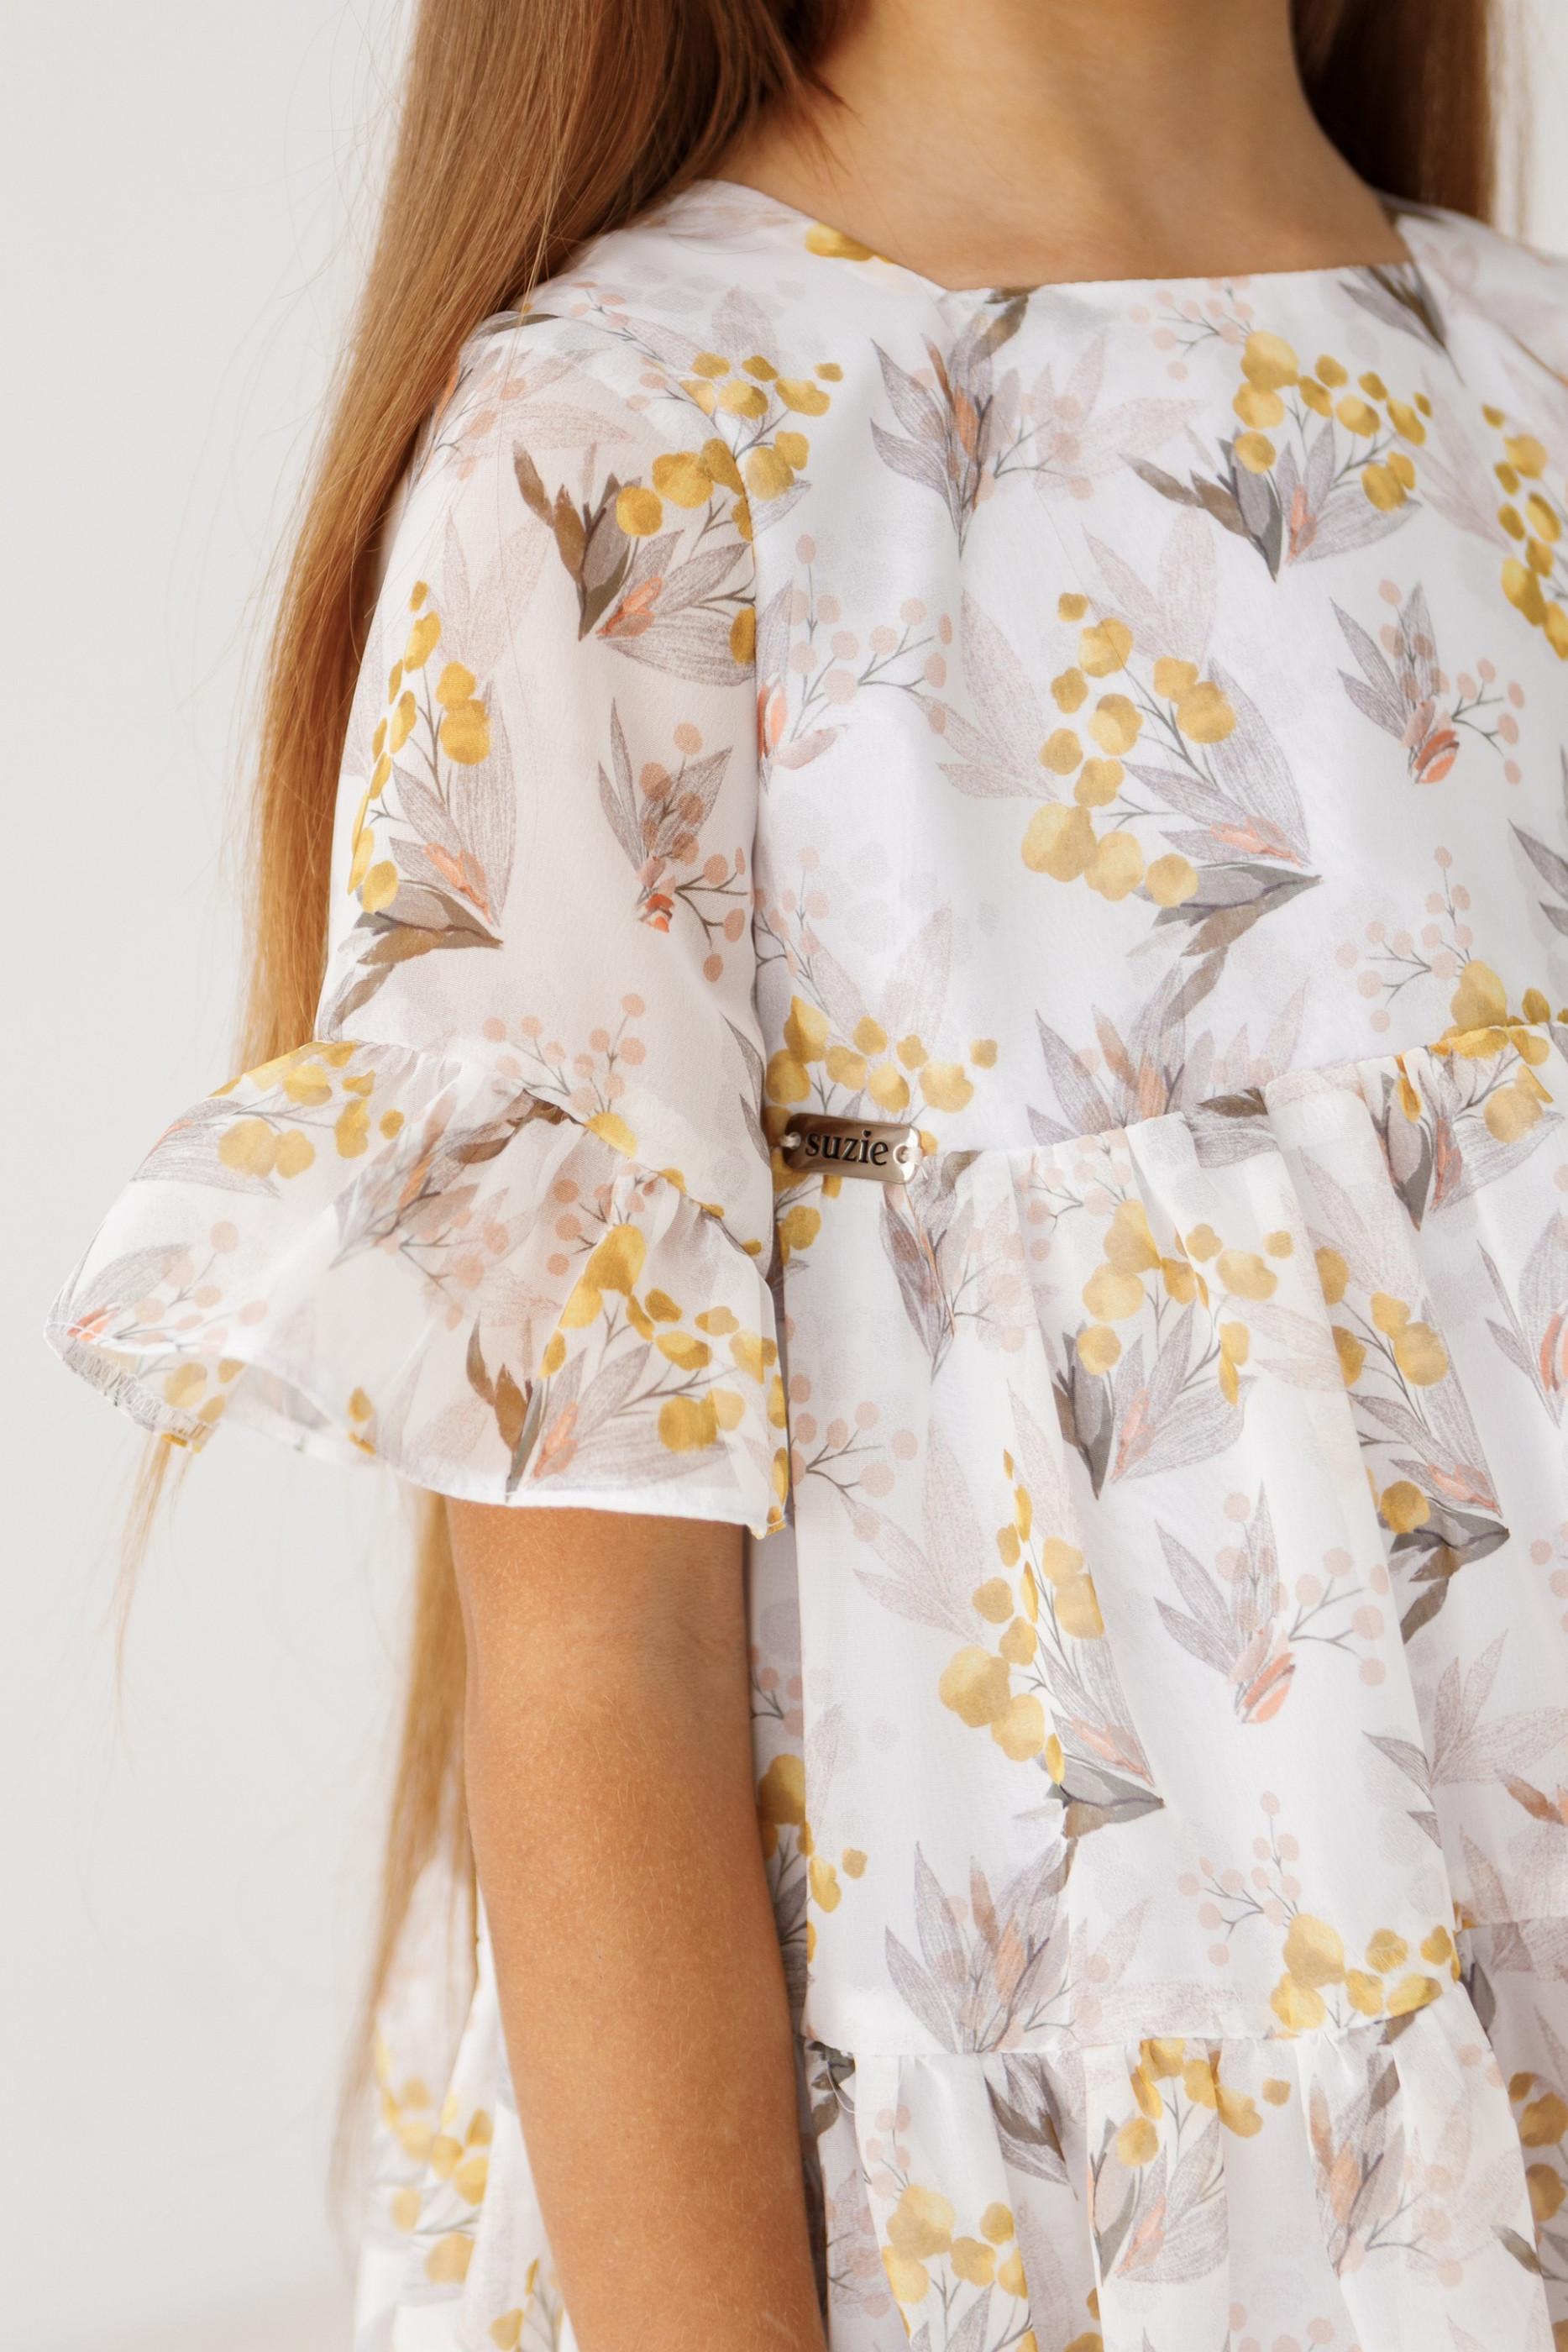 Плаття Флорі, фото №2